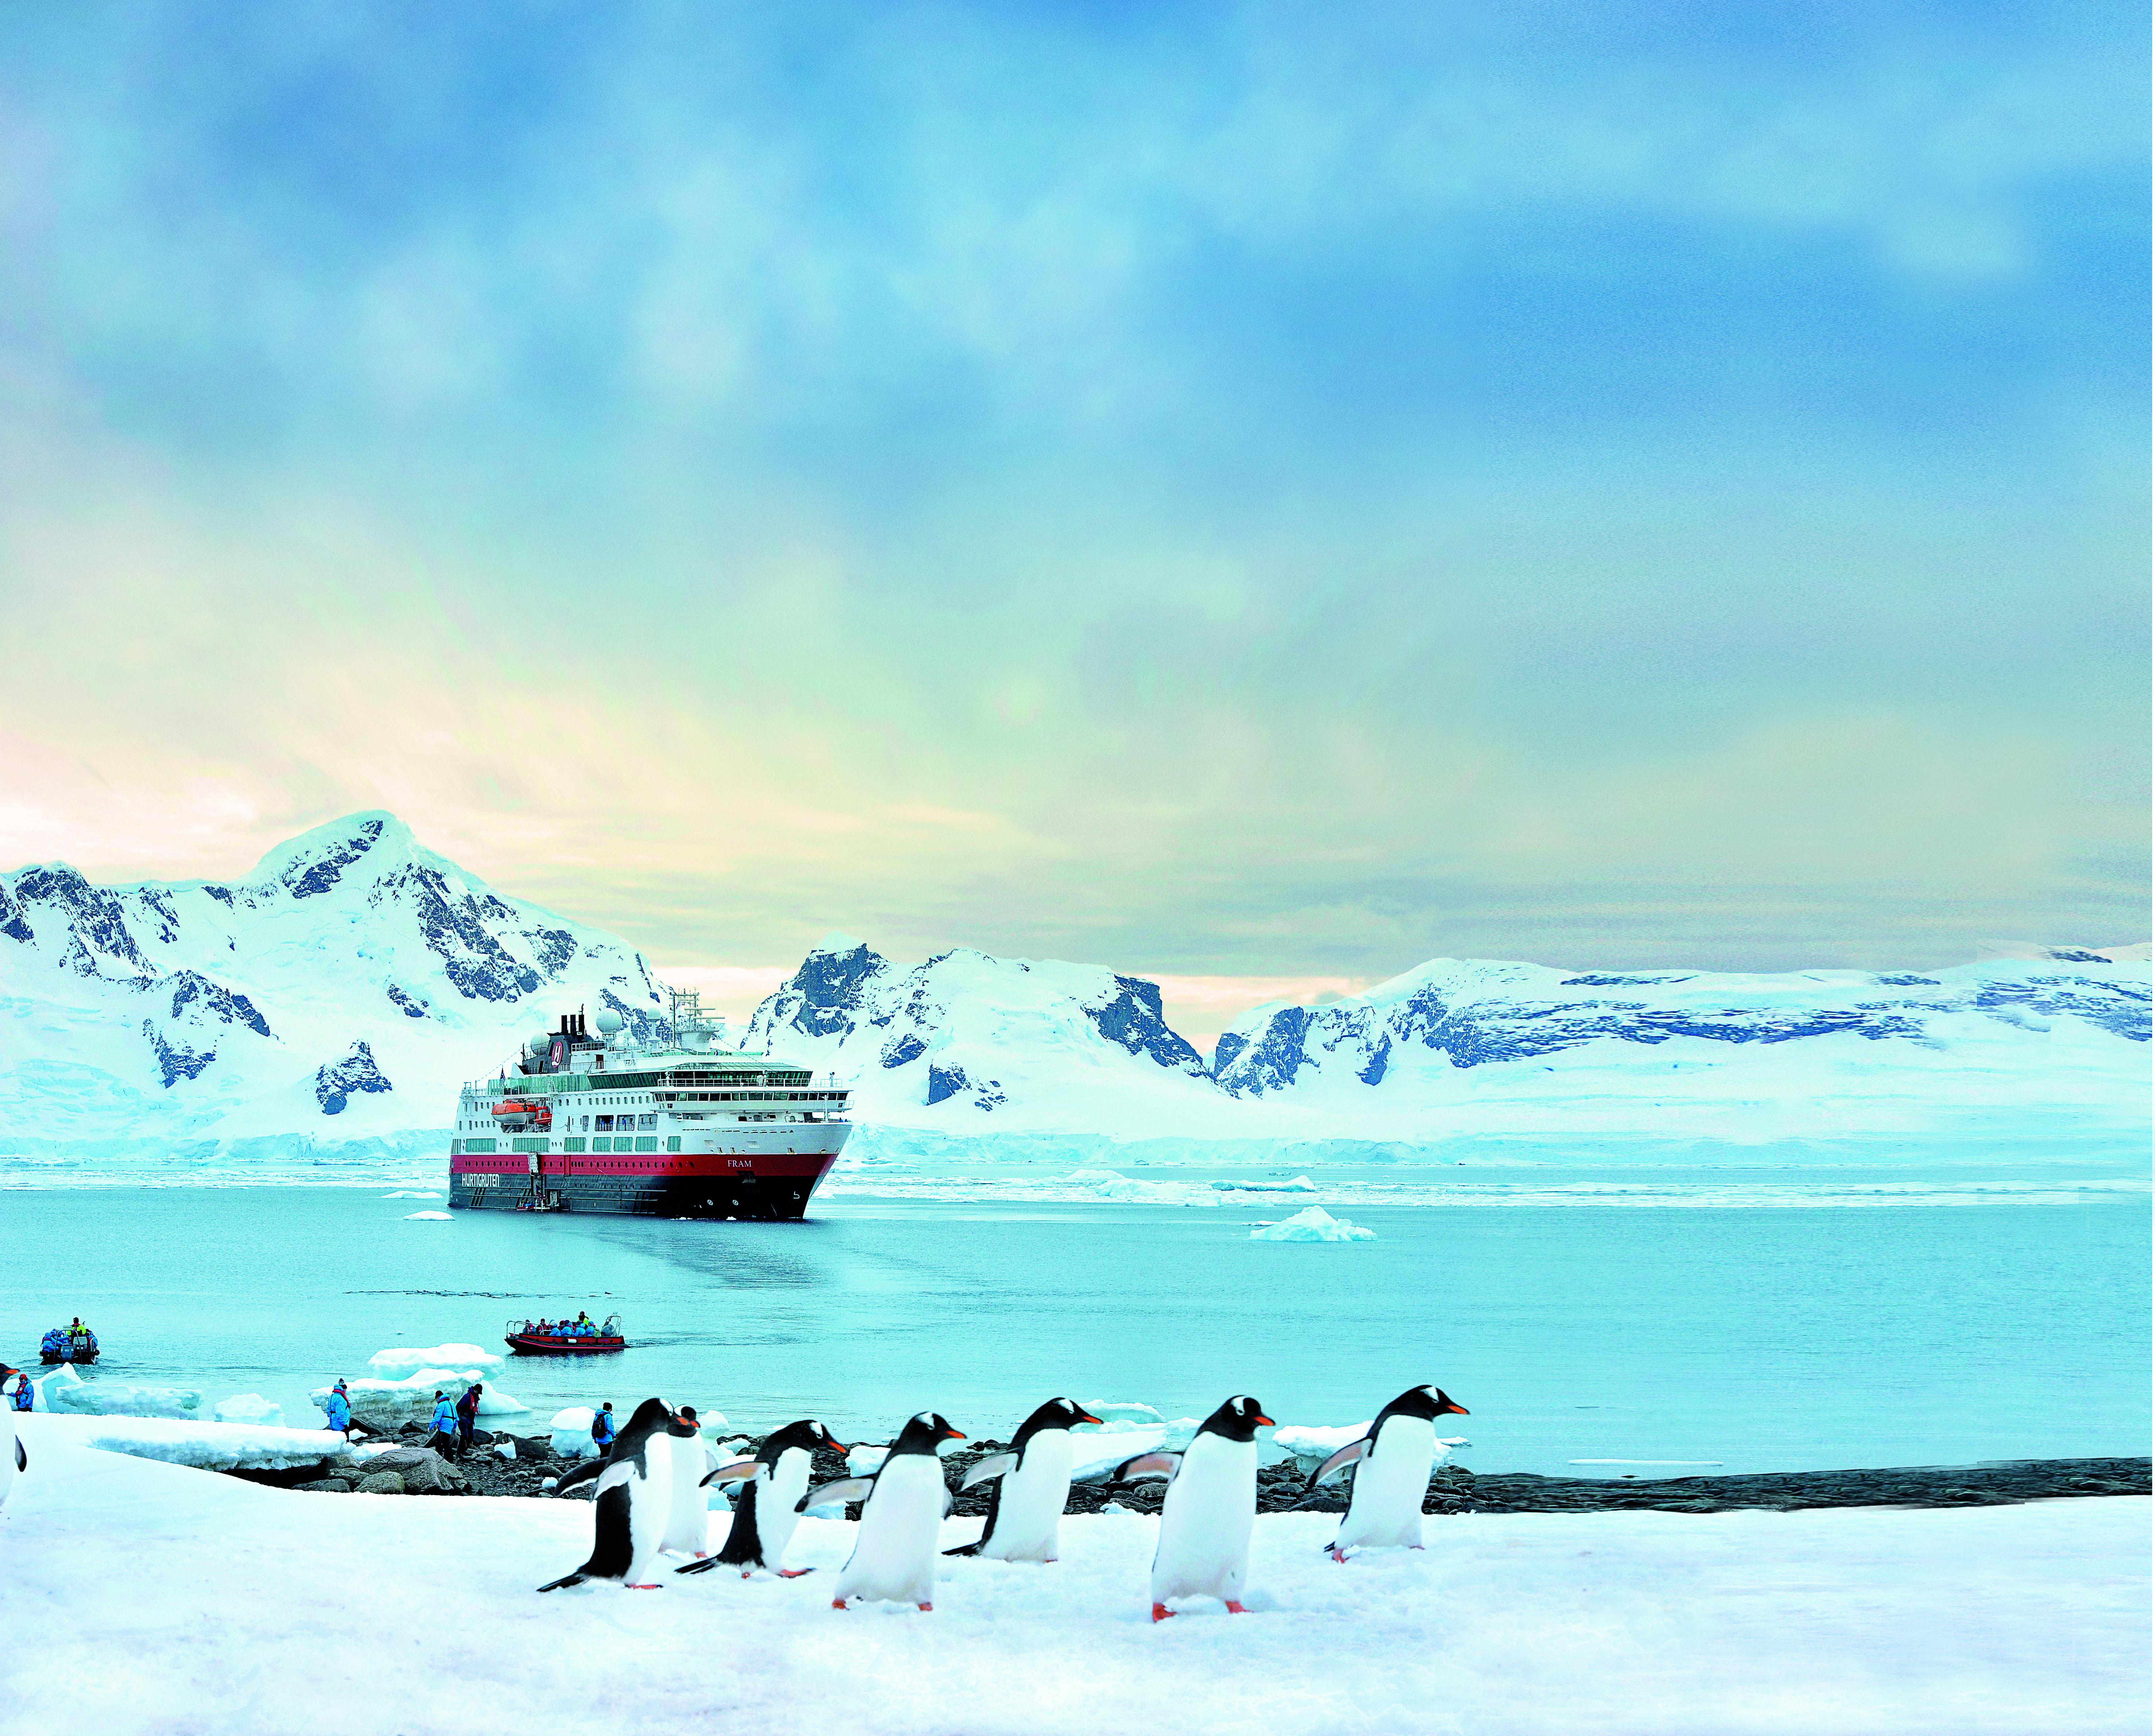 Die Zahl der Besucher in der Antarktis steigt wieder